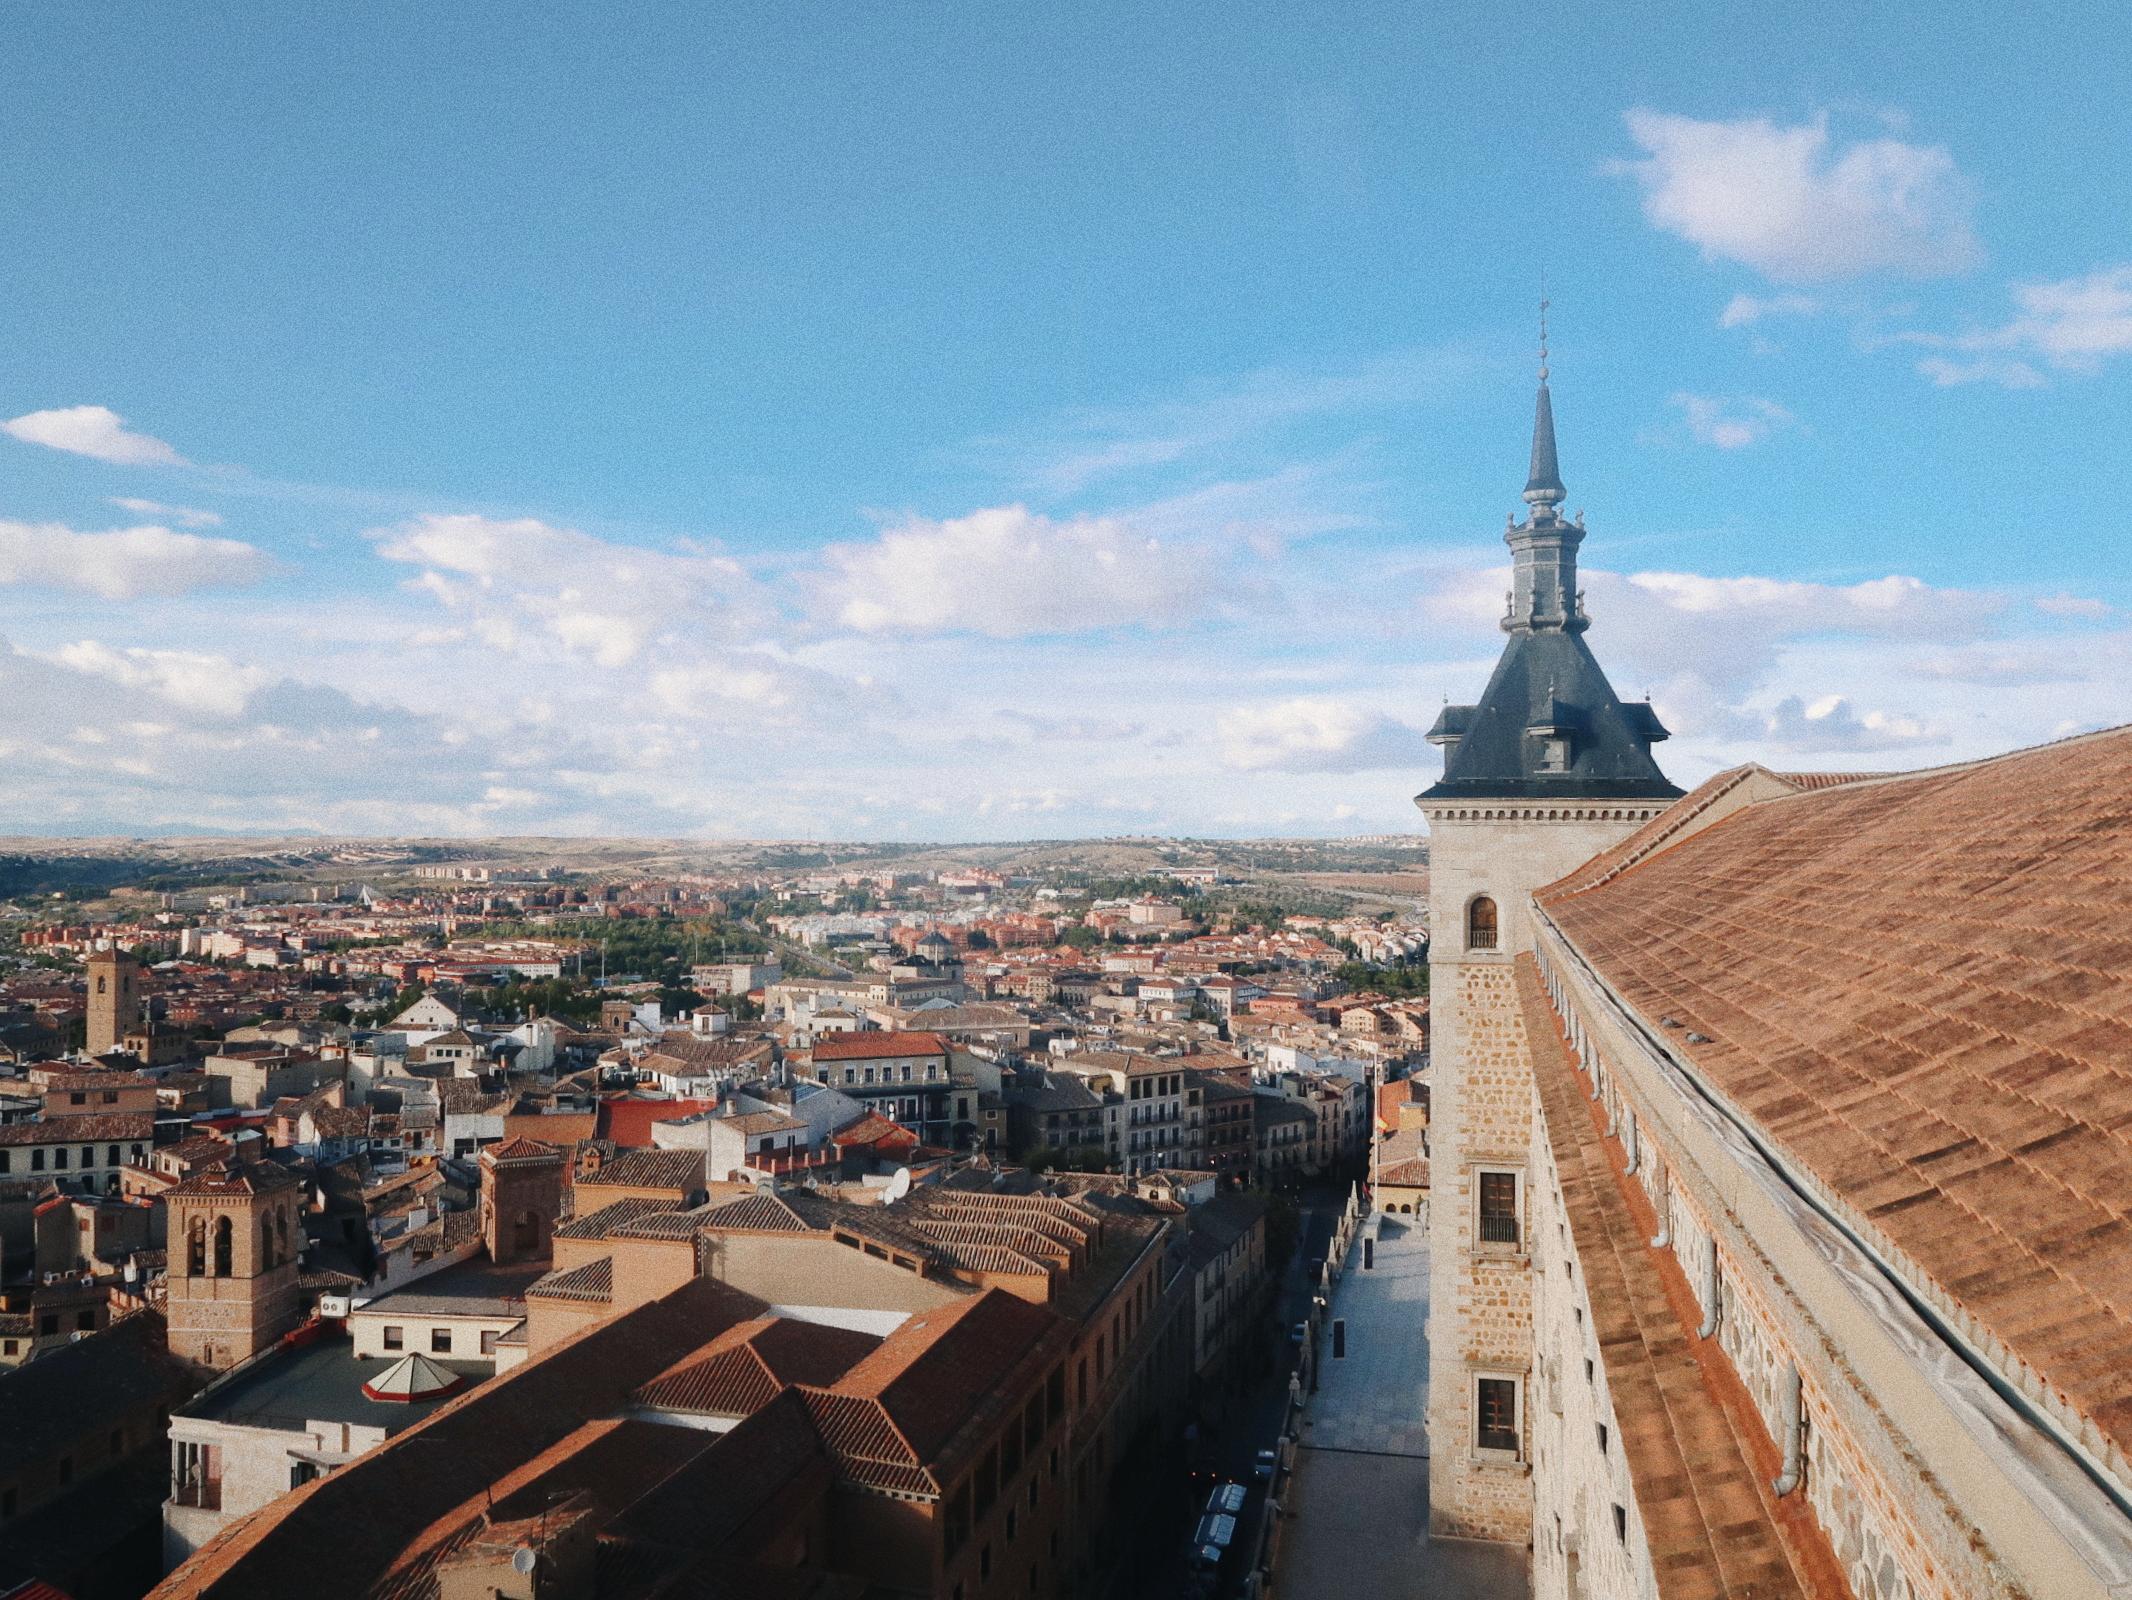 View from Planta C of Alcazar de Toledo